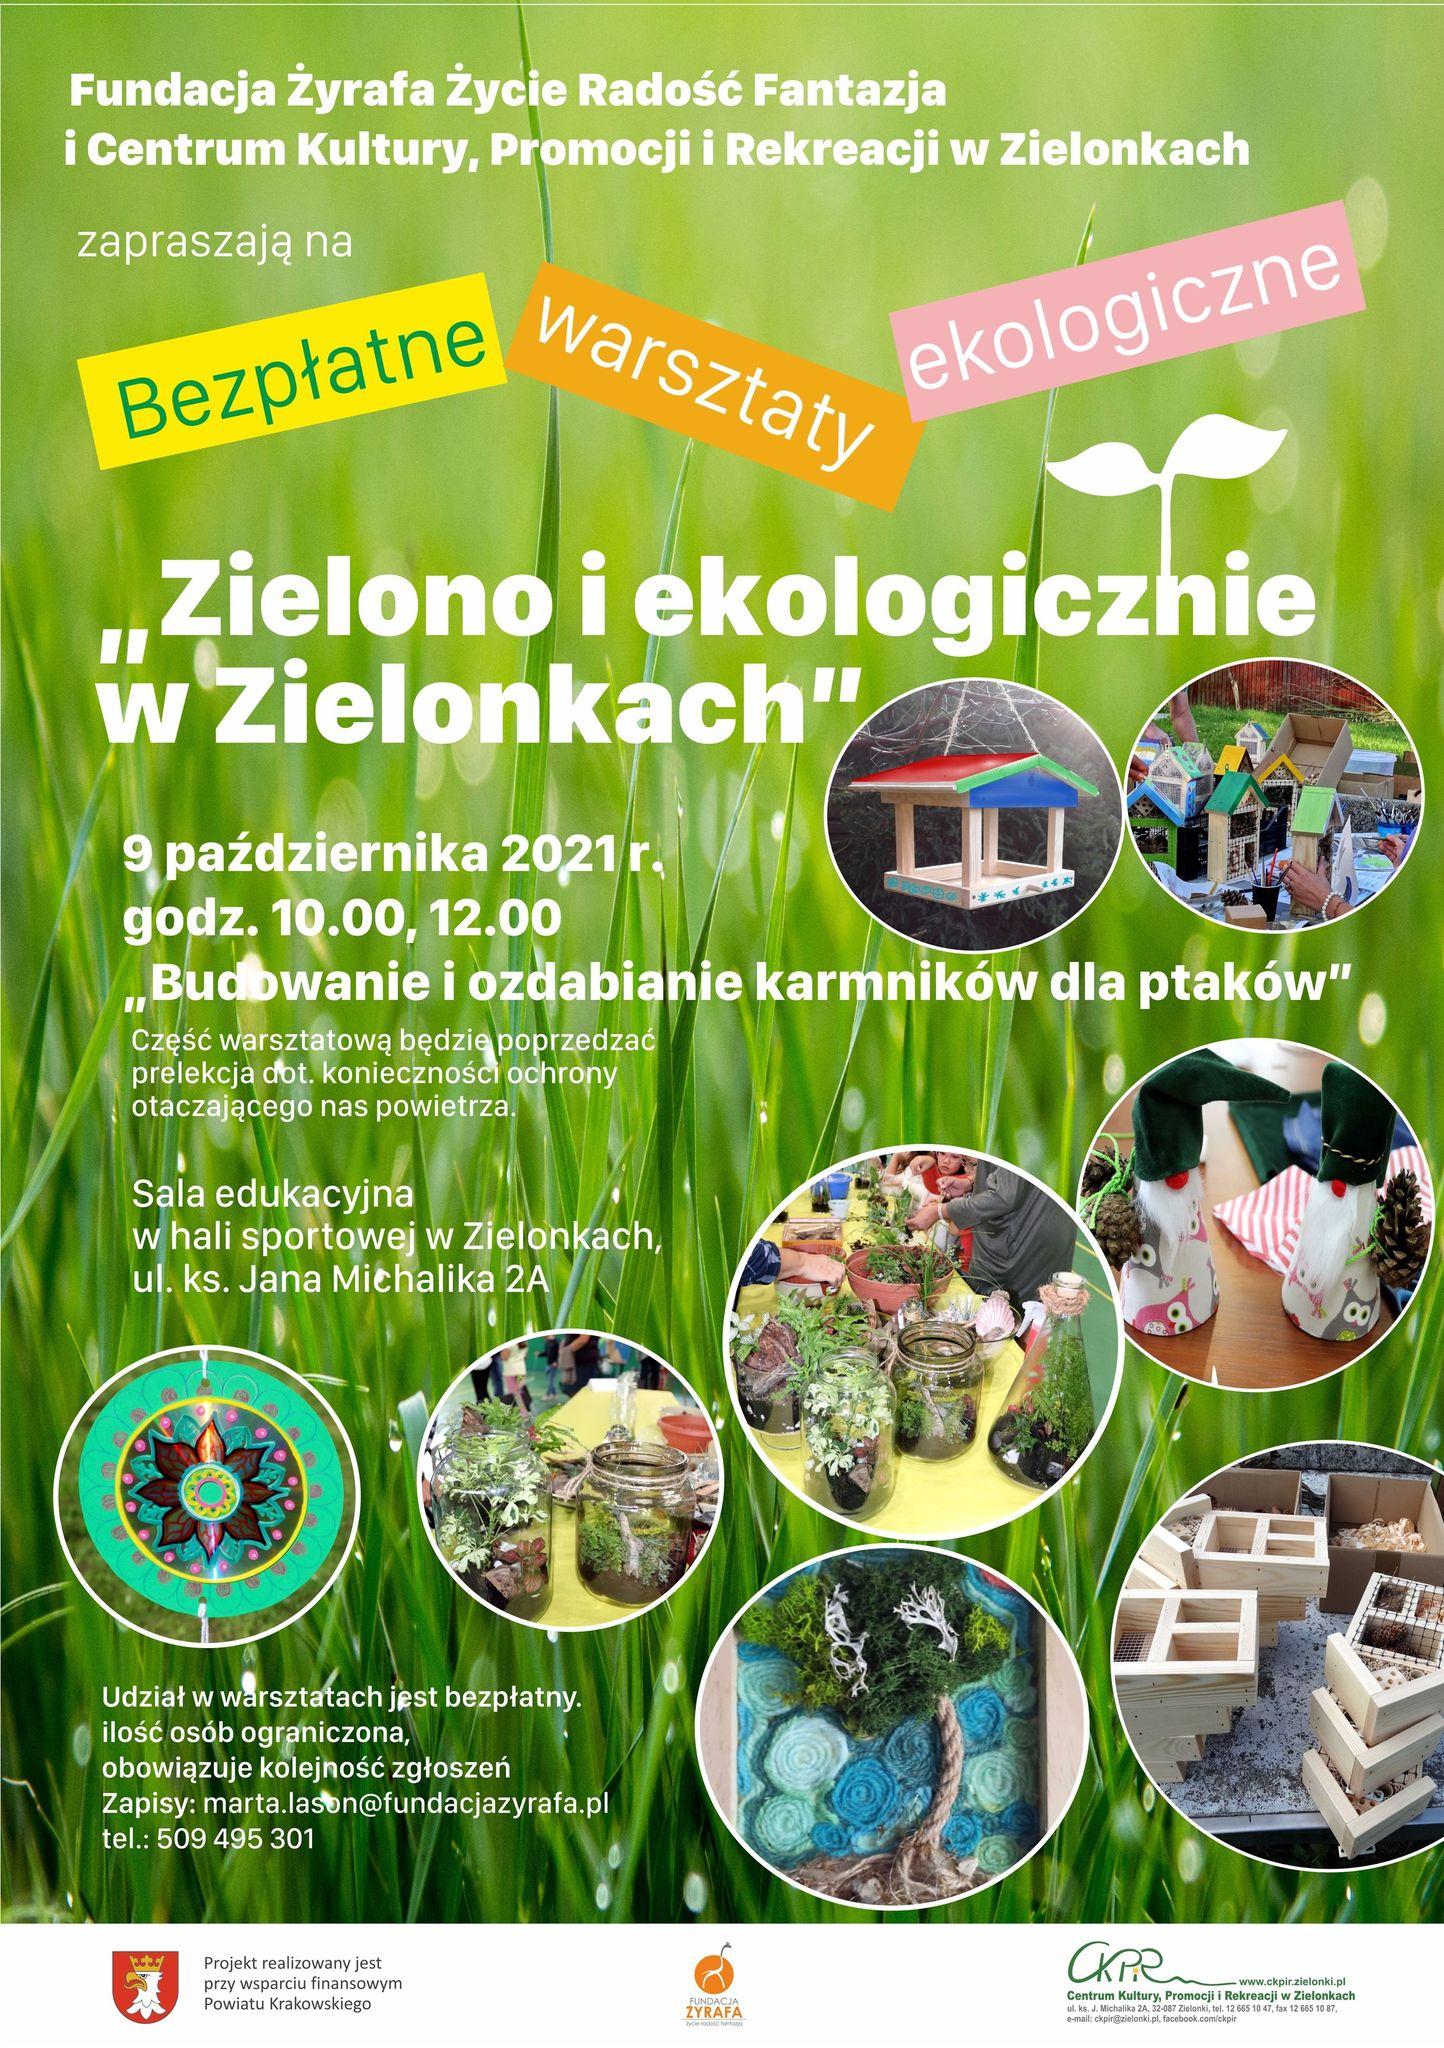 Zielono i ekologicznie w Zielonkach